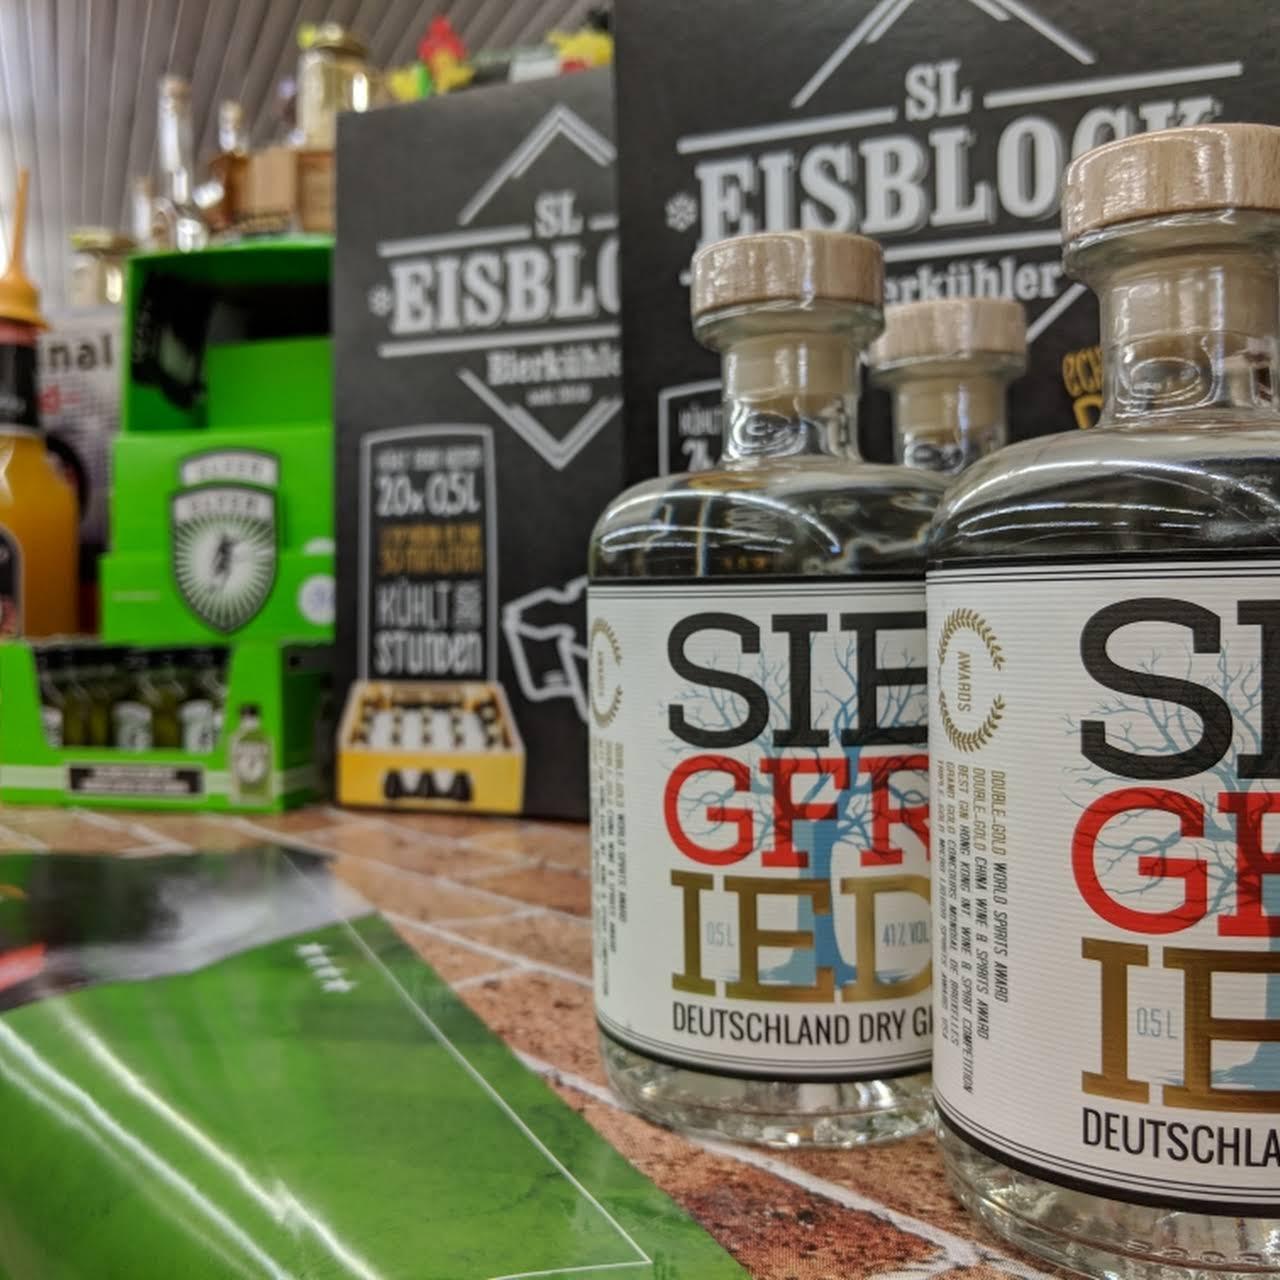 Schneider Getränke Paradies - Getränkemarkt in Leonberg-Eltingen